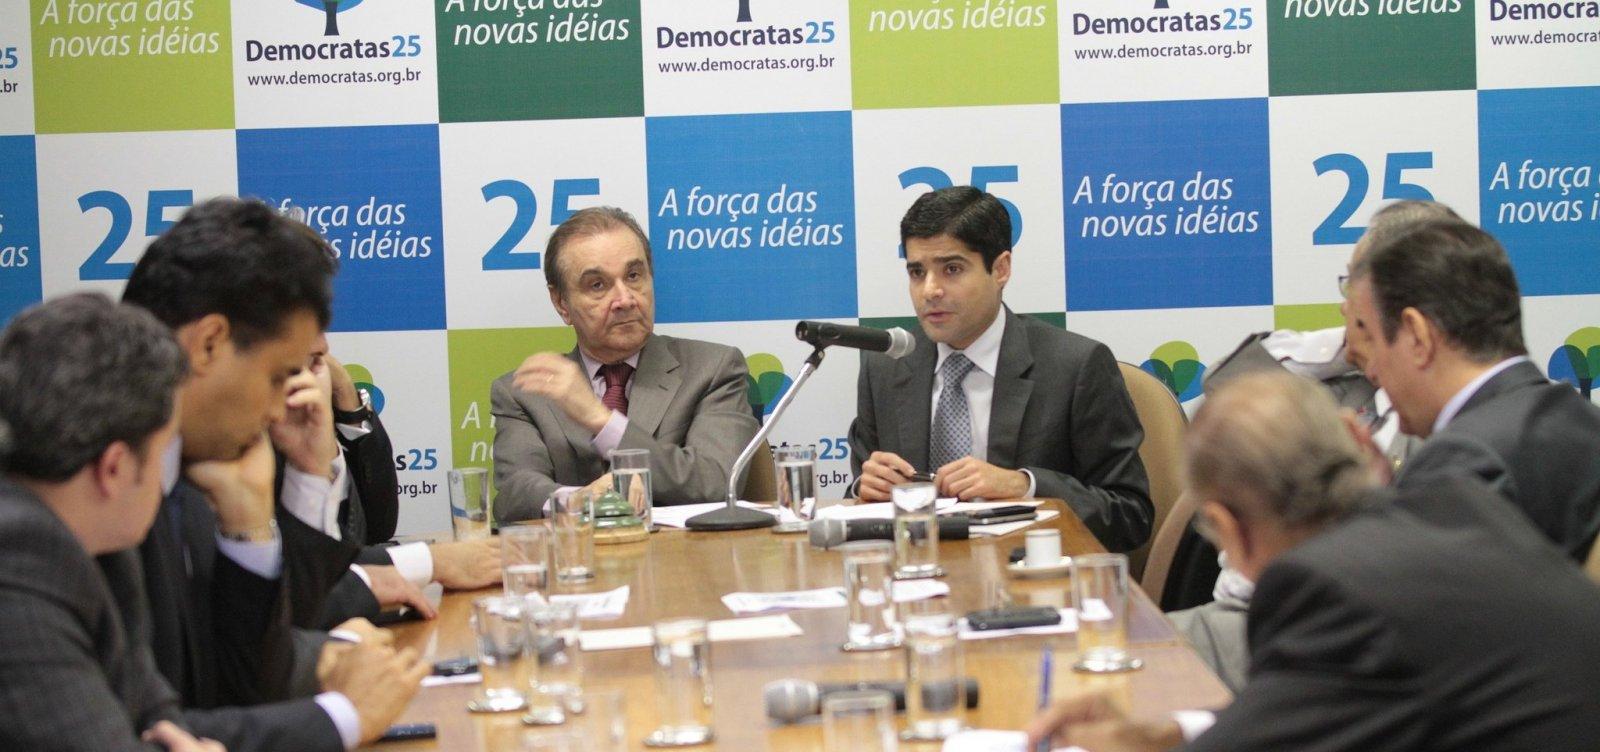 Políticos do DEM são cotados para integrar eventual governo de Bolsonaro